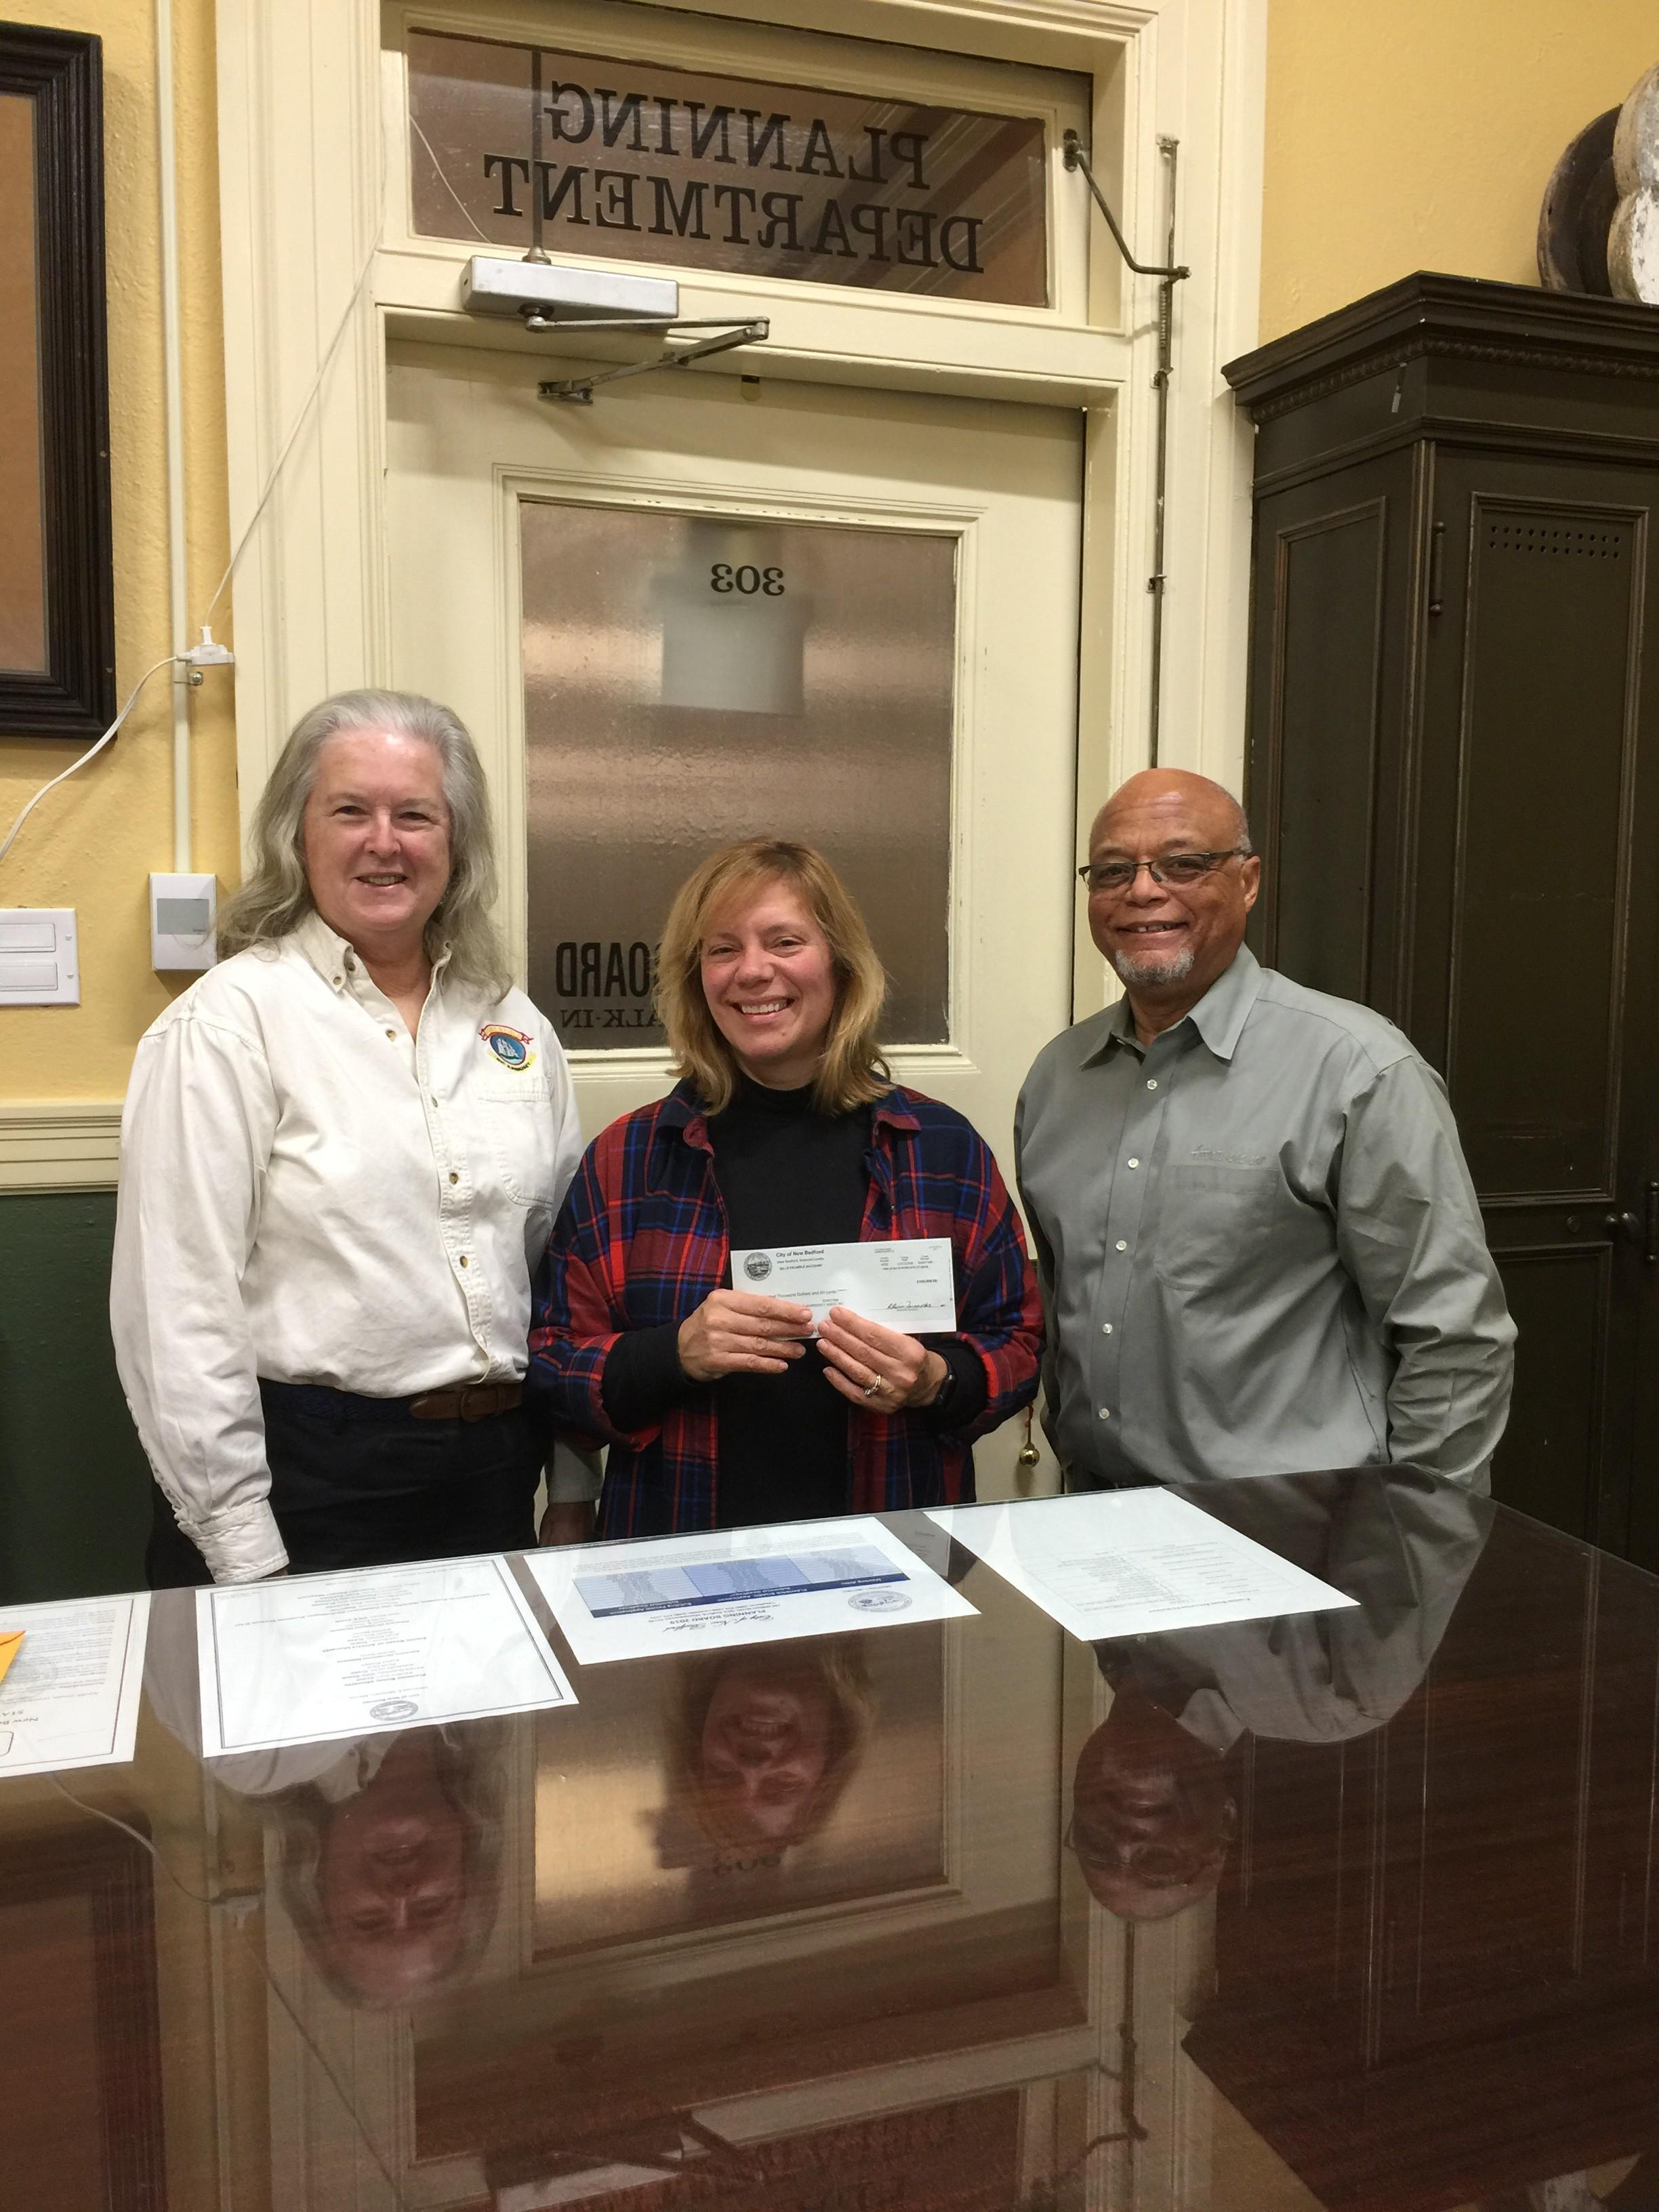 SEMA Secretary, Mary Anne McQuillan, New Bedford Preservation Planner, Anne Louro, and SEMA President Julius Britto